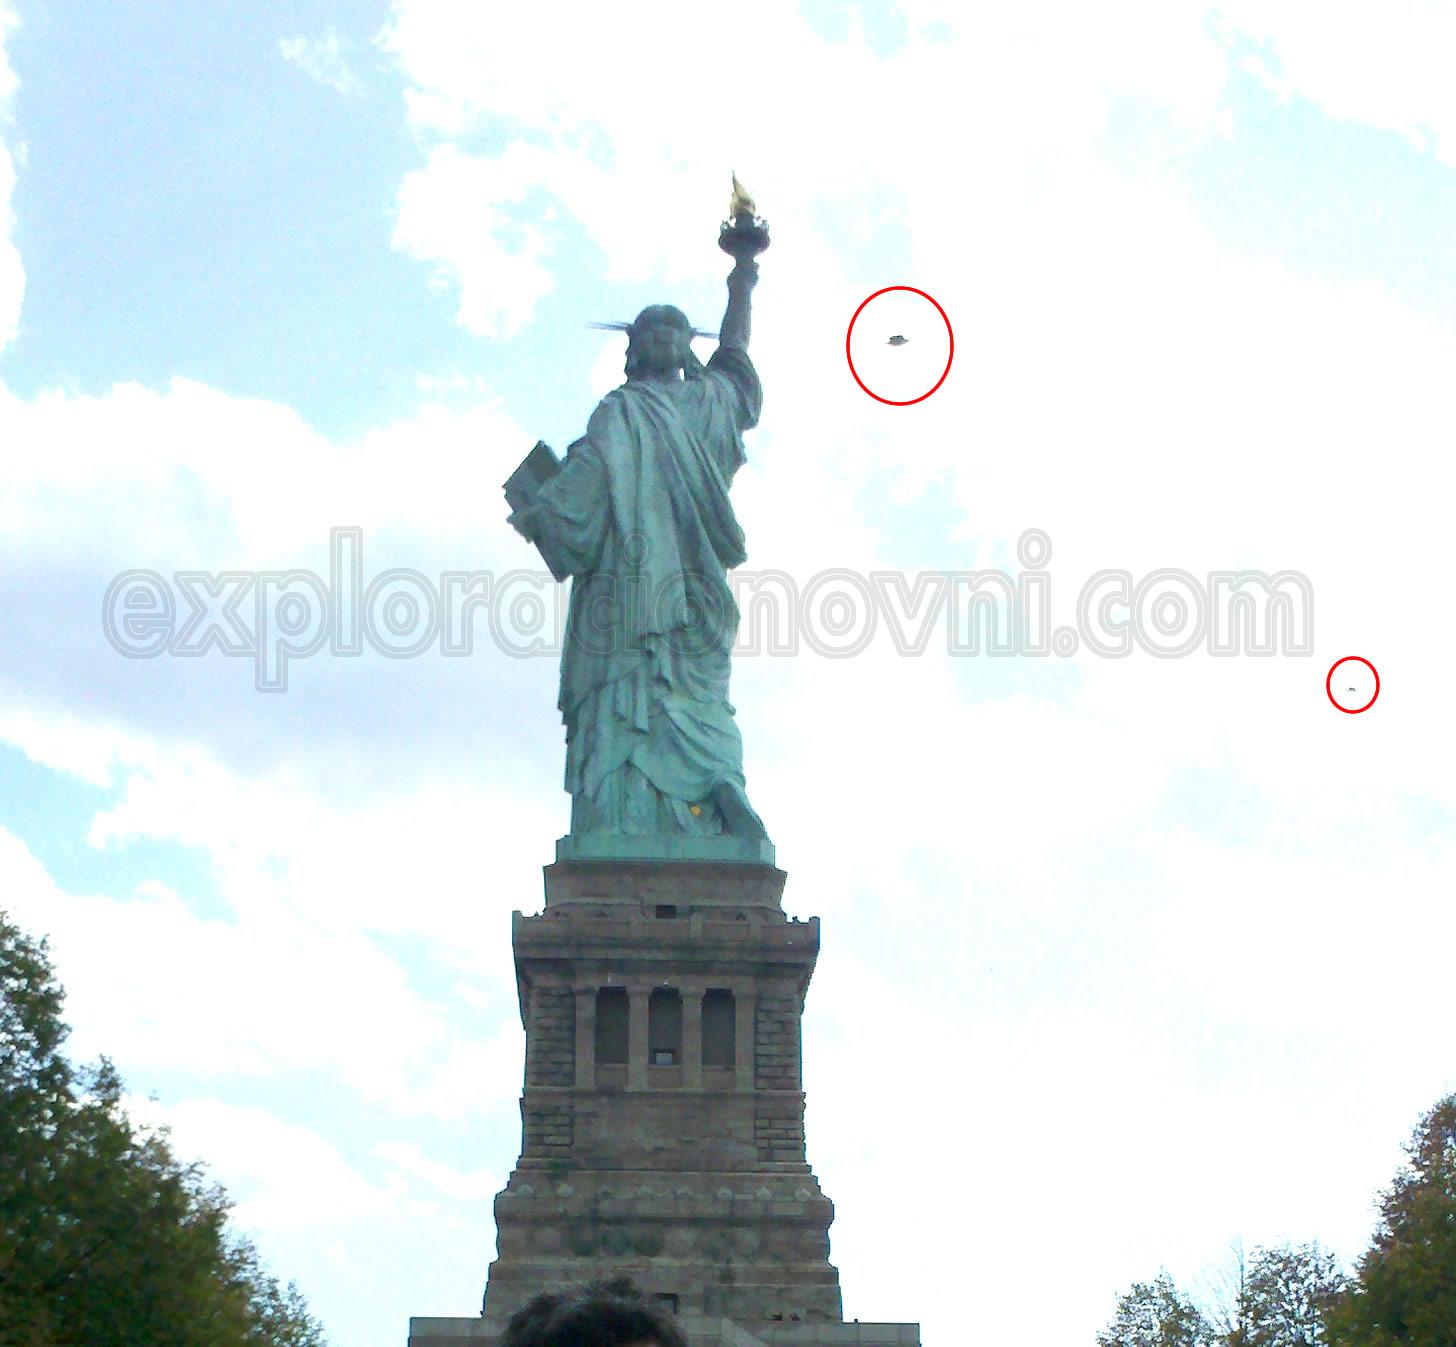 Imagen tomada a la Estatua de la Libertad y que muestra una anomalía en la parte superior, la forma es como la clásica forma de un OVNI, pero no posee un contraste definido. También puede verse una mancha de menor tamaño más abajo en la parte derecha.